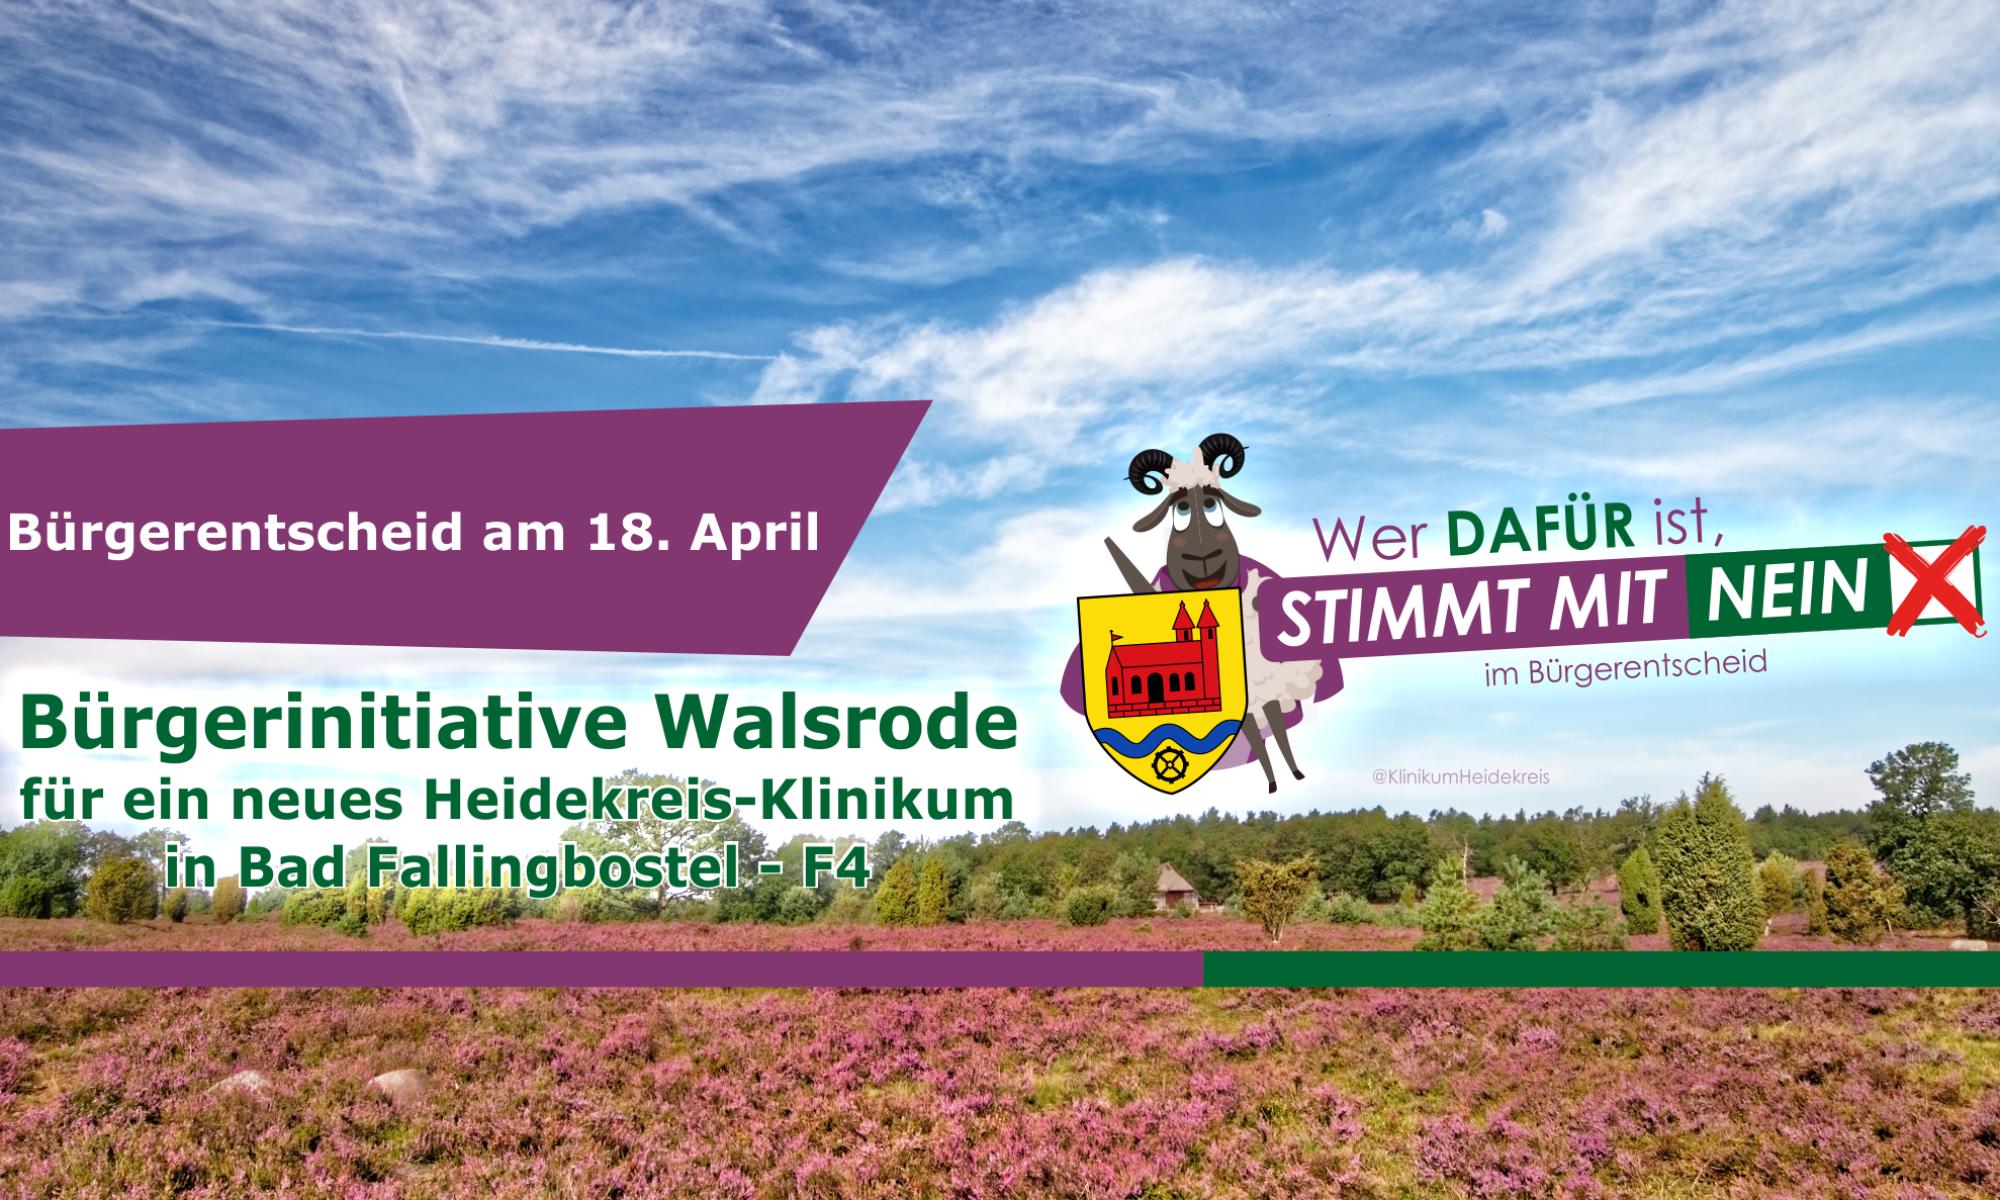 Bürgerinitiative Walsrode für ein Neues Heidekreis-Klinikum